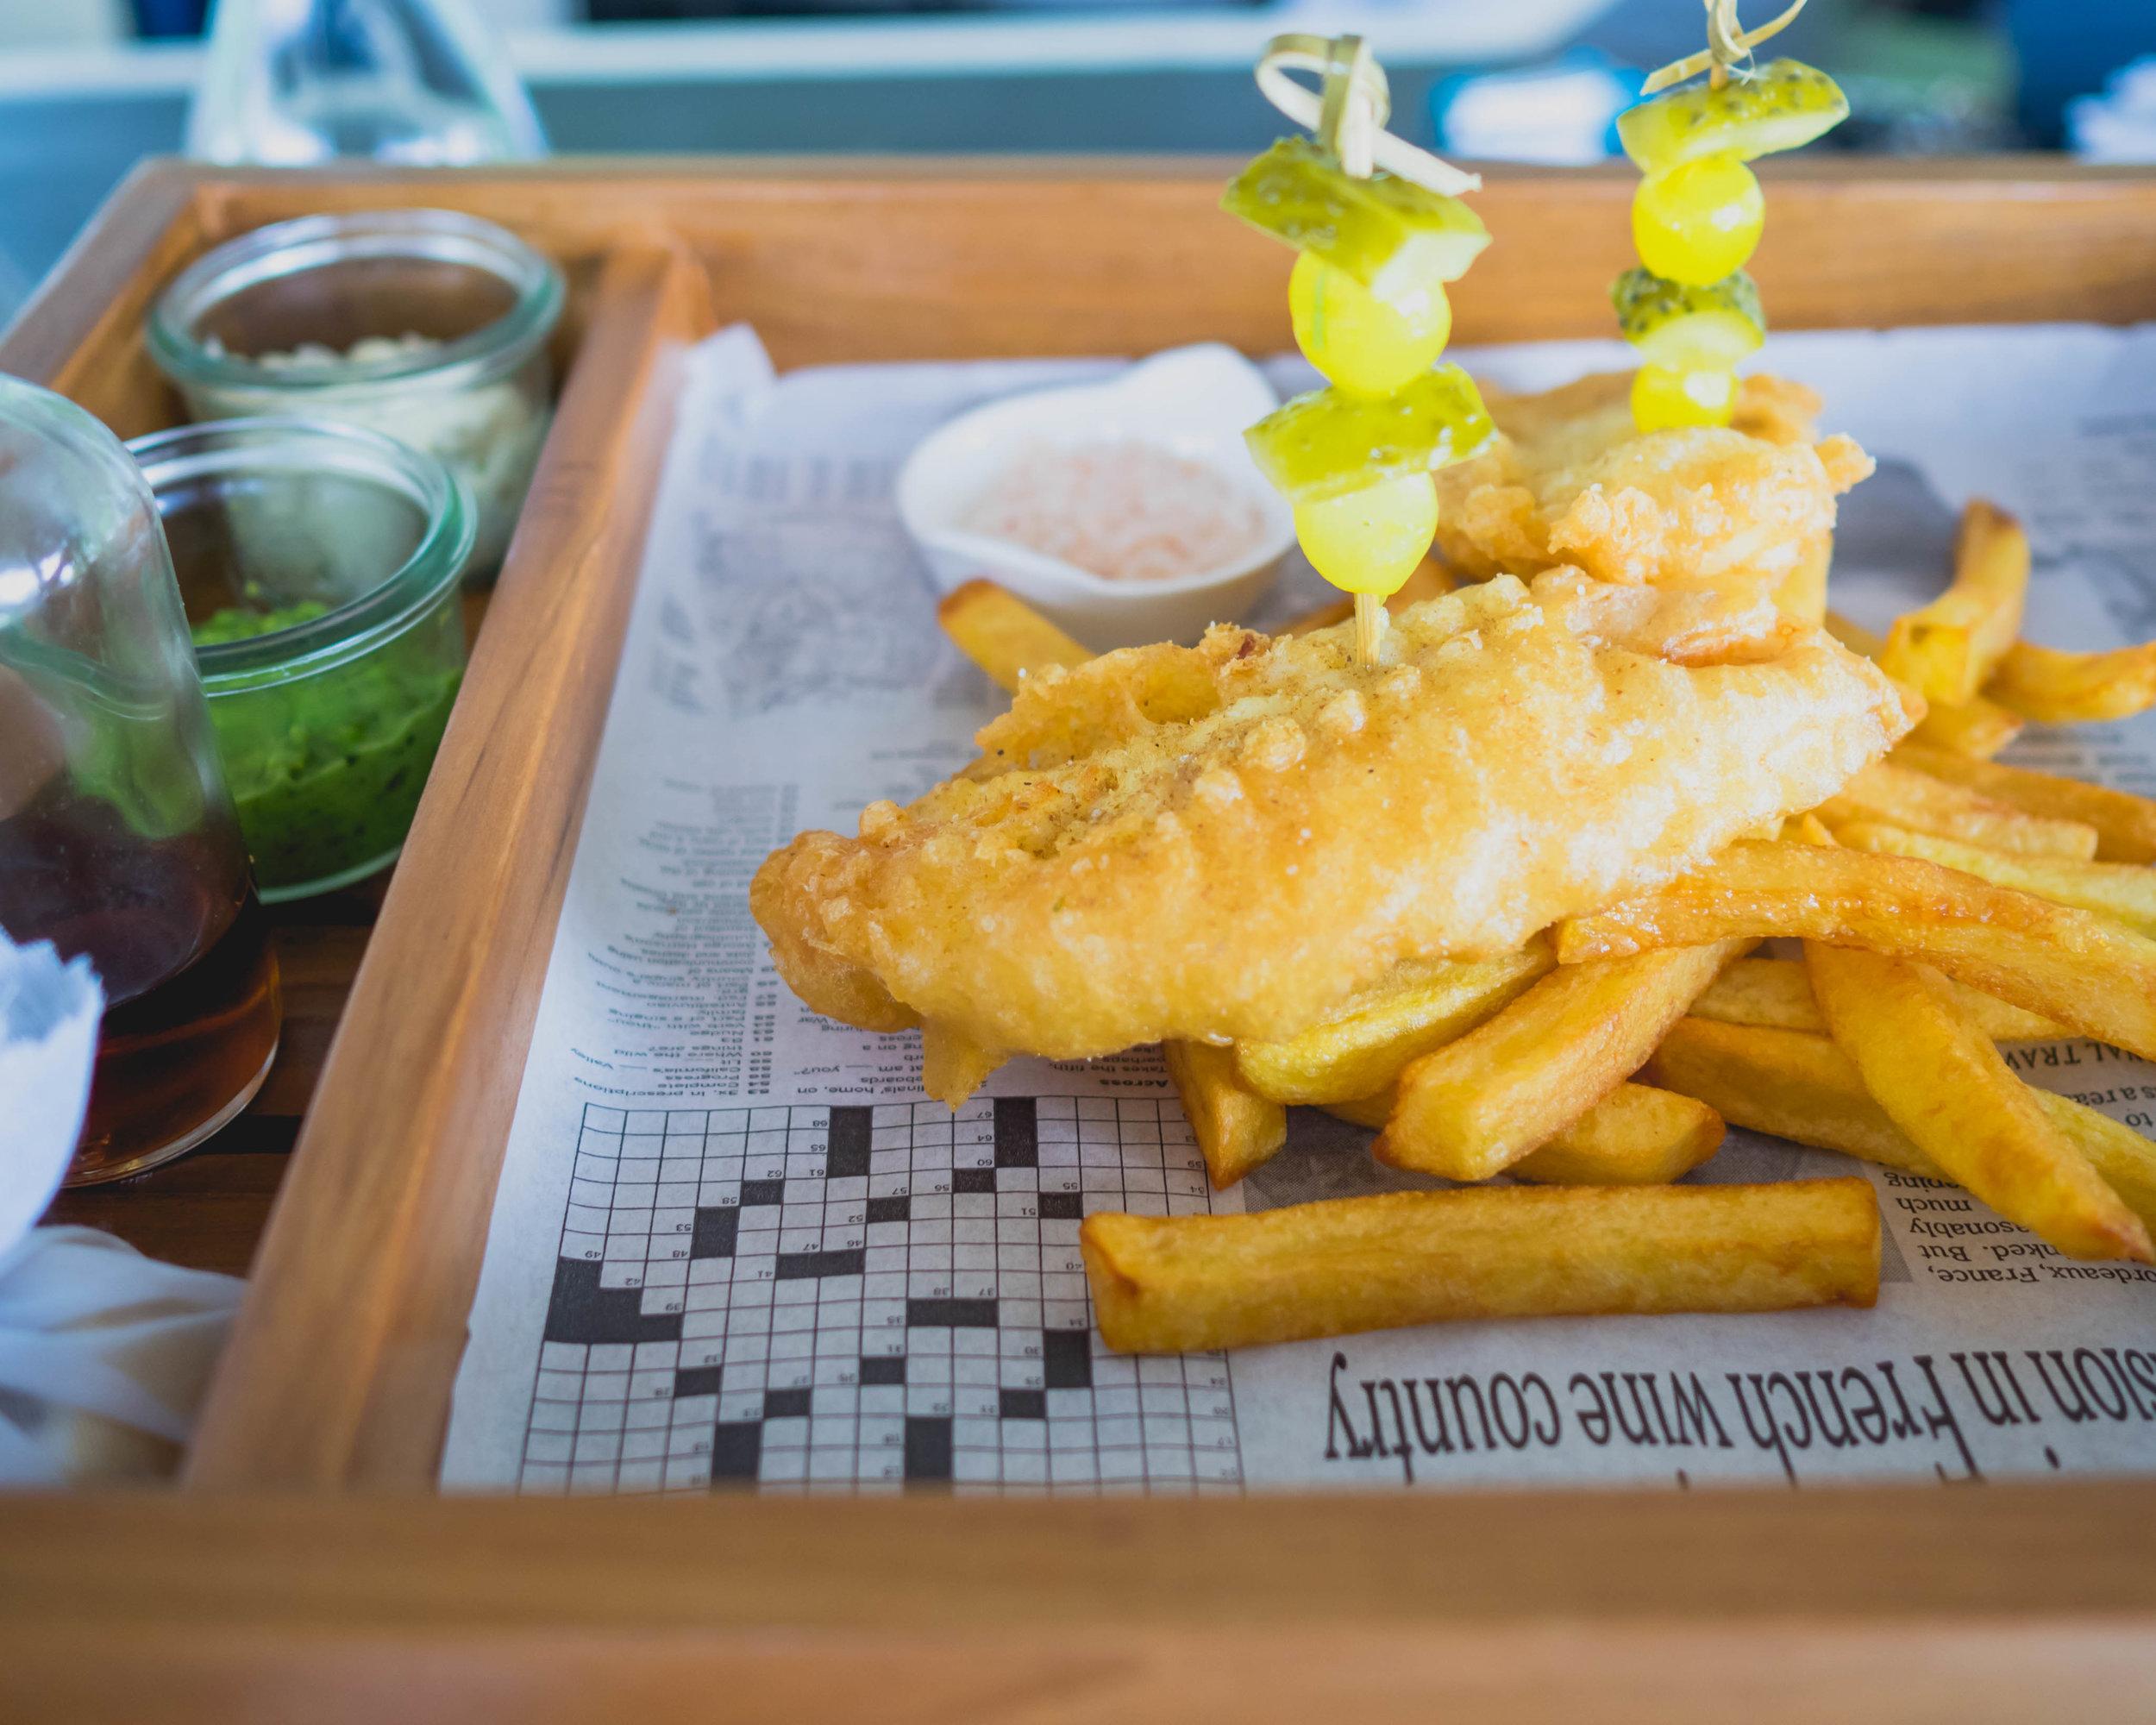 fish and chips  at veli bar: beer battered snapper, homemade chips, mush peas, pickles, lemon, tartar sauce, malt vinegar.